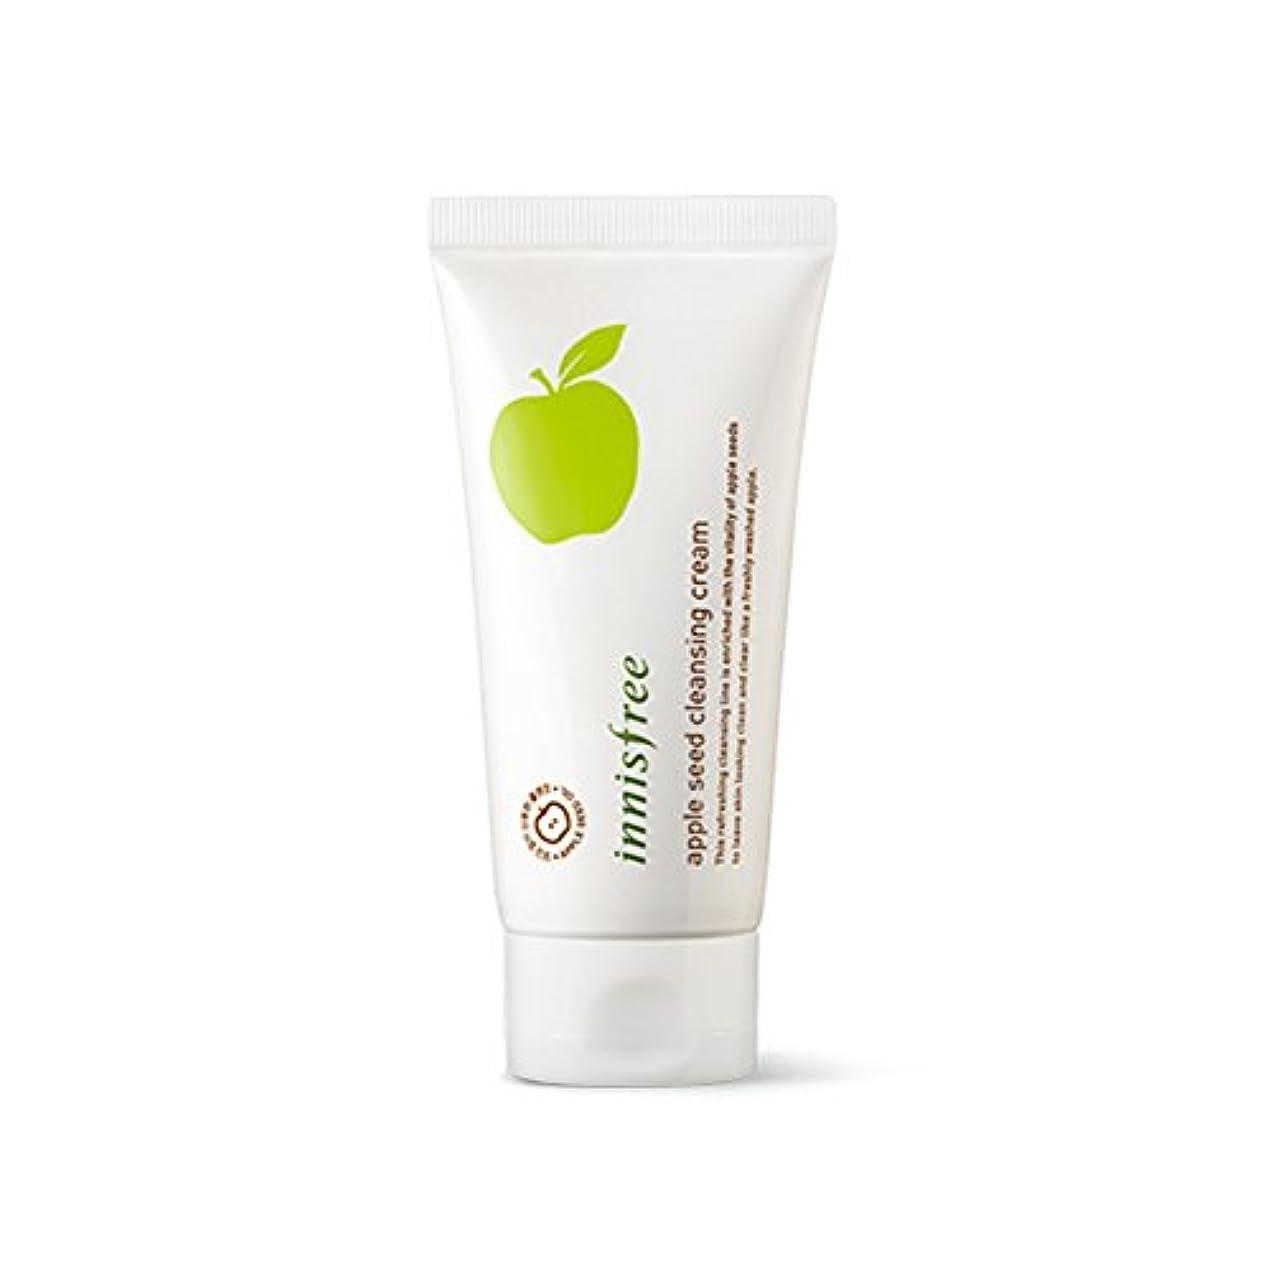 後期間視聴者イニスフリーアップルシードクレンジングクリーム150ml / Innisfree Apple Seed Cleansing Cream 150ml [海外直送品][並行輸入品]